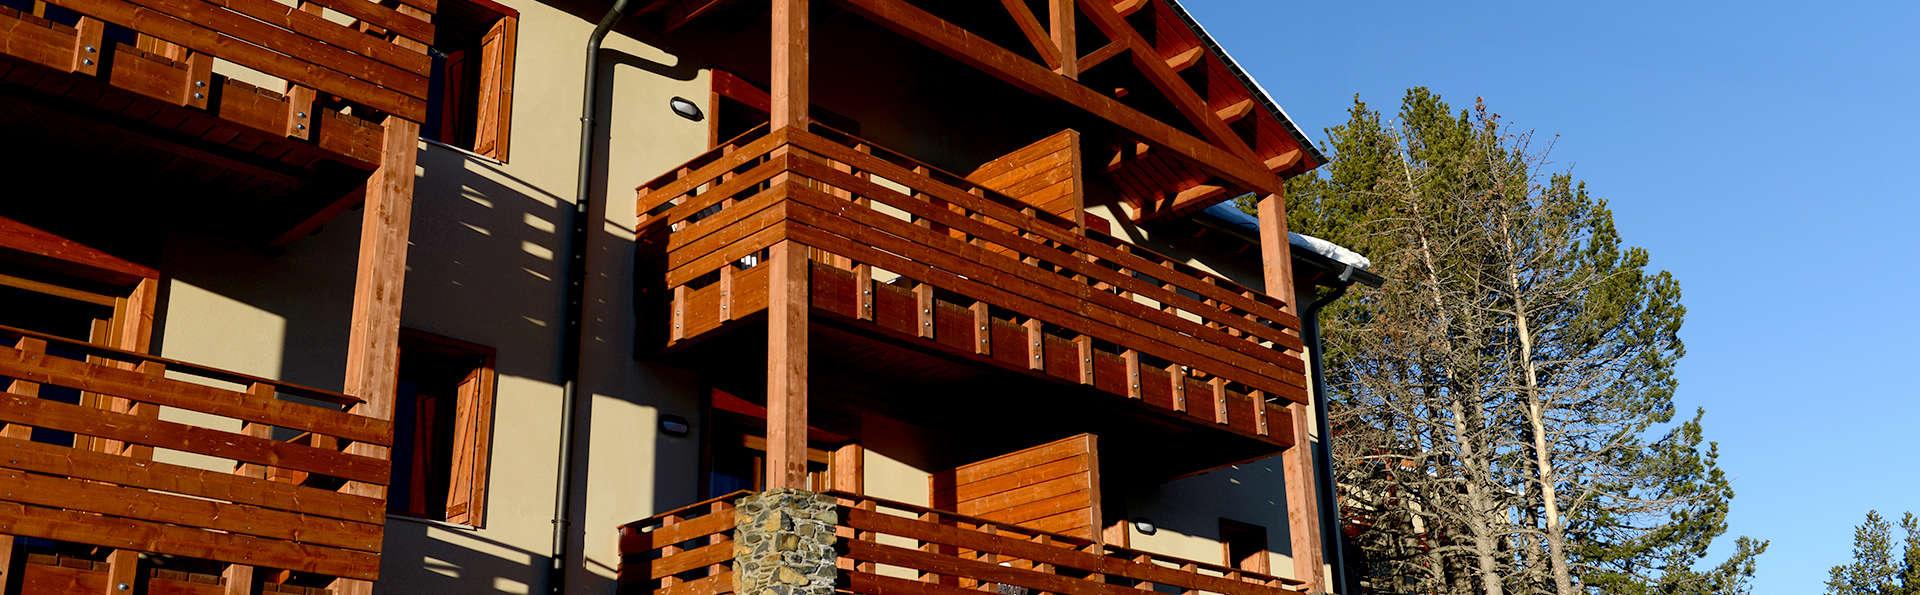 Vacancéole Résidence Les Chalets de l'Isard - Edit_Front2.jpg